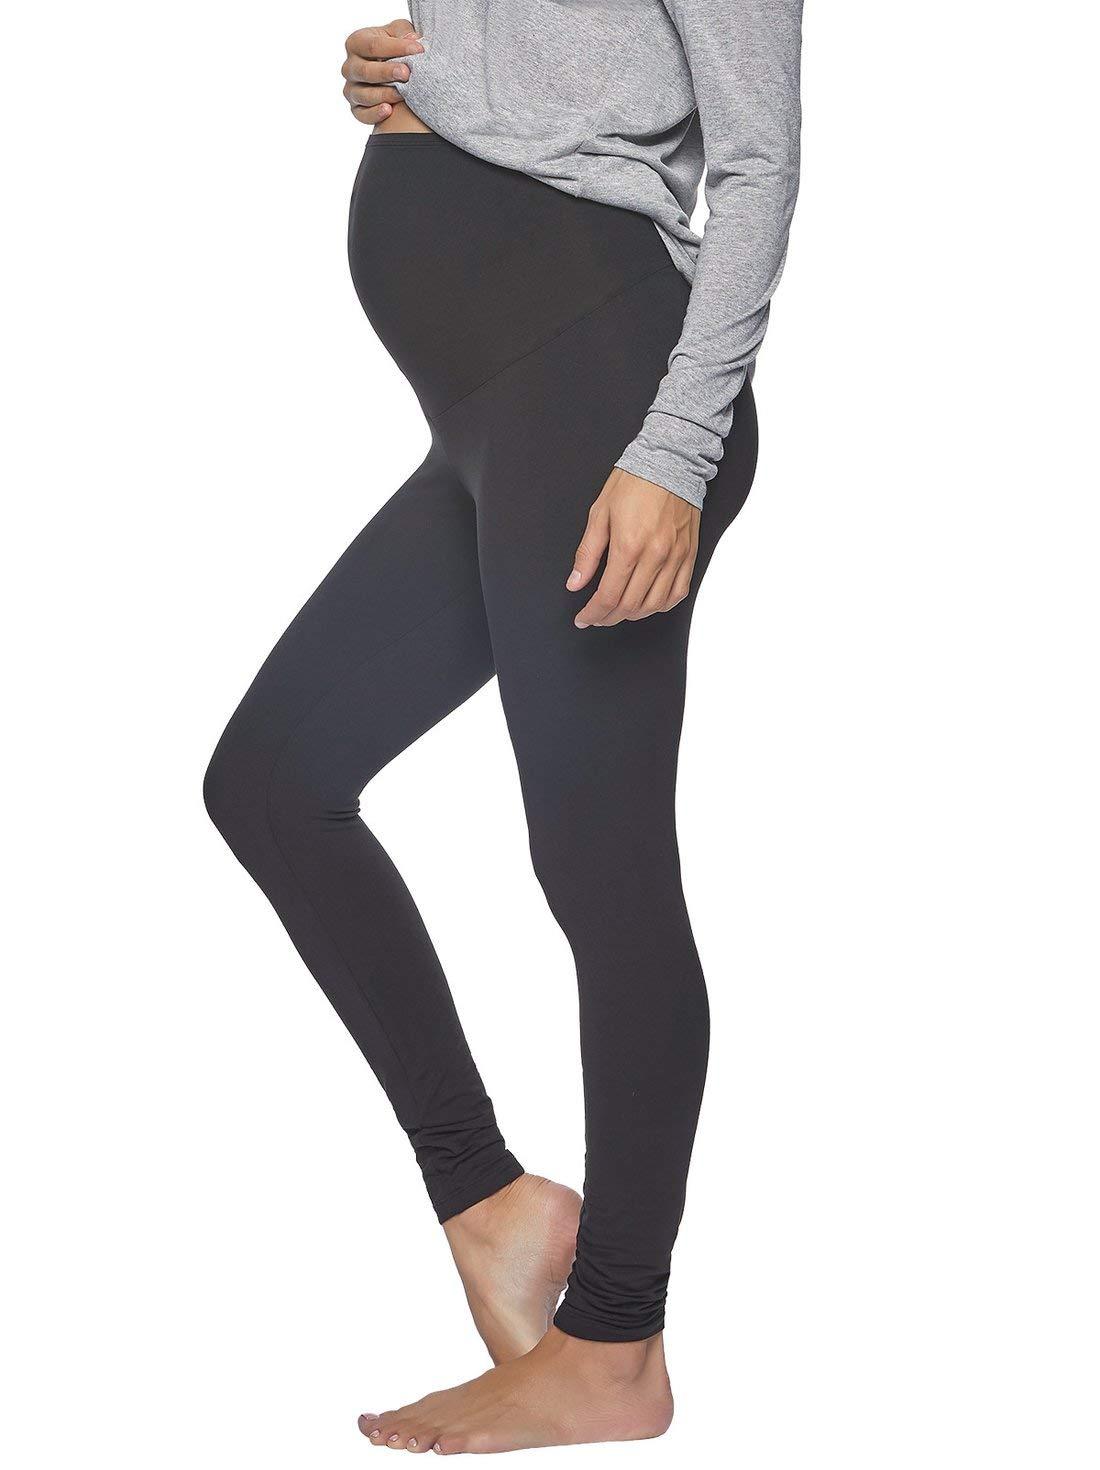 Velvety Soft Maternity Leggings for Women - Yoga Pants for Women, Maternity Clothes - (2-Pack)